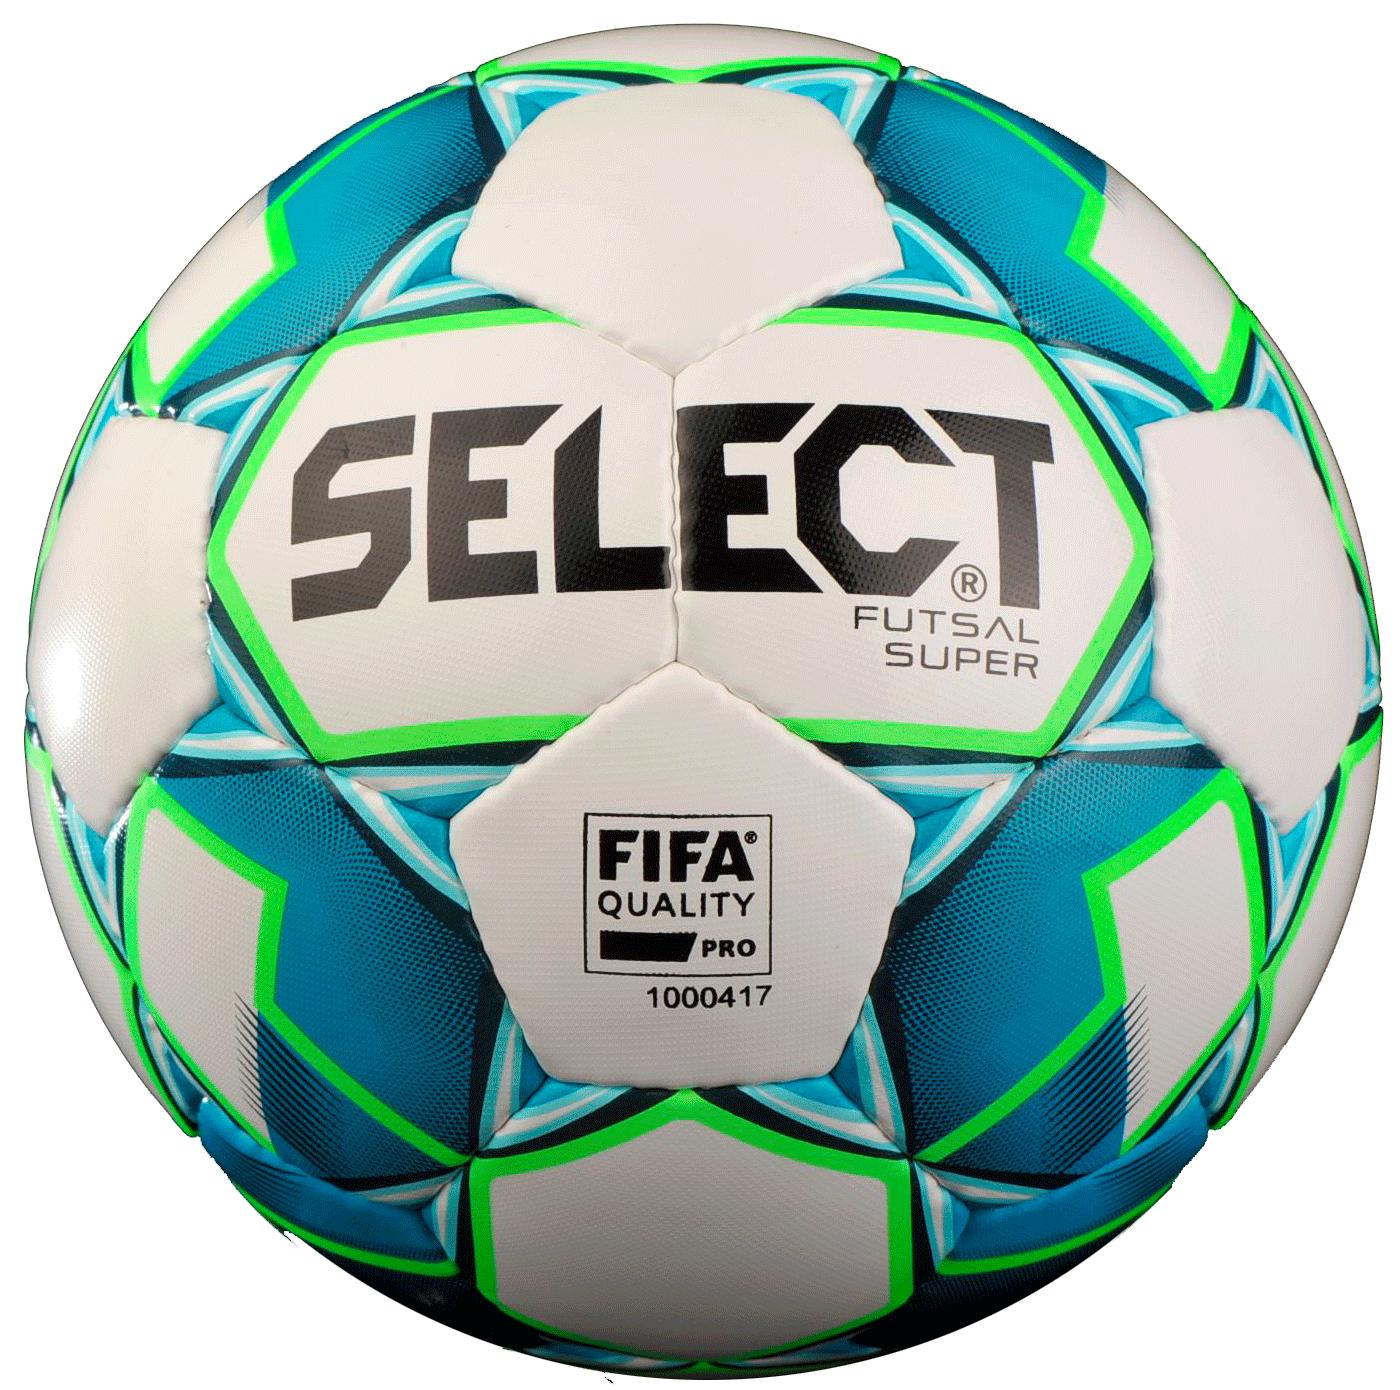 Футзальный мяч Futsal Super